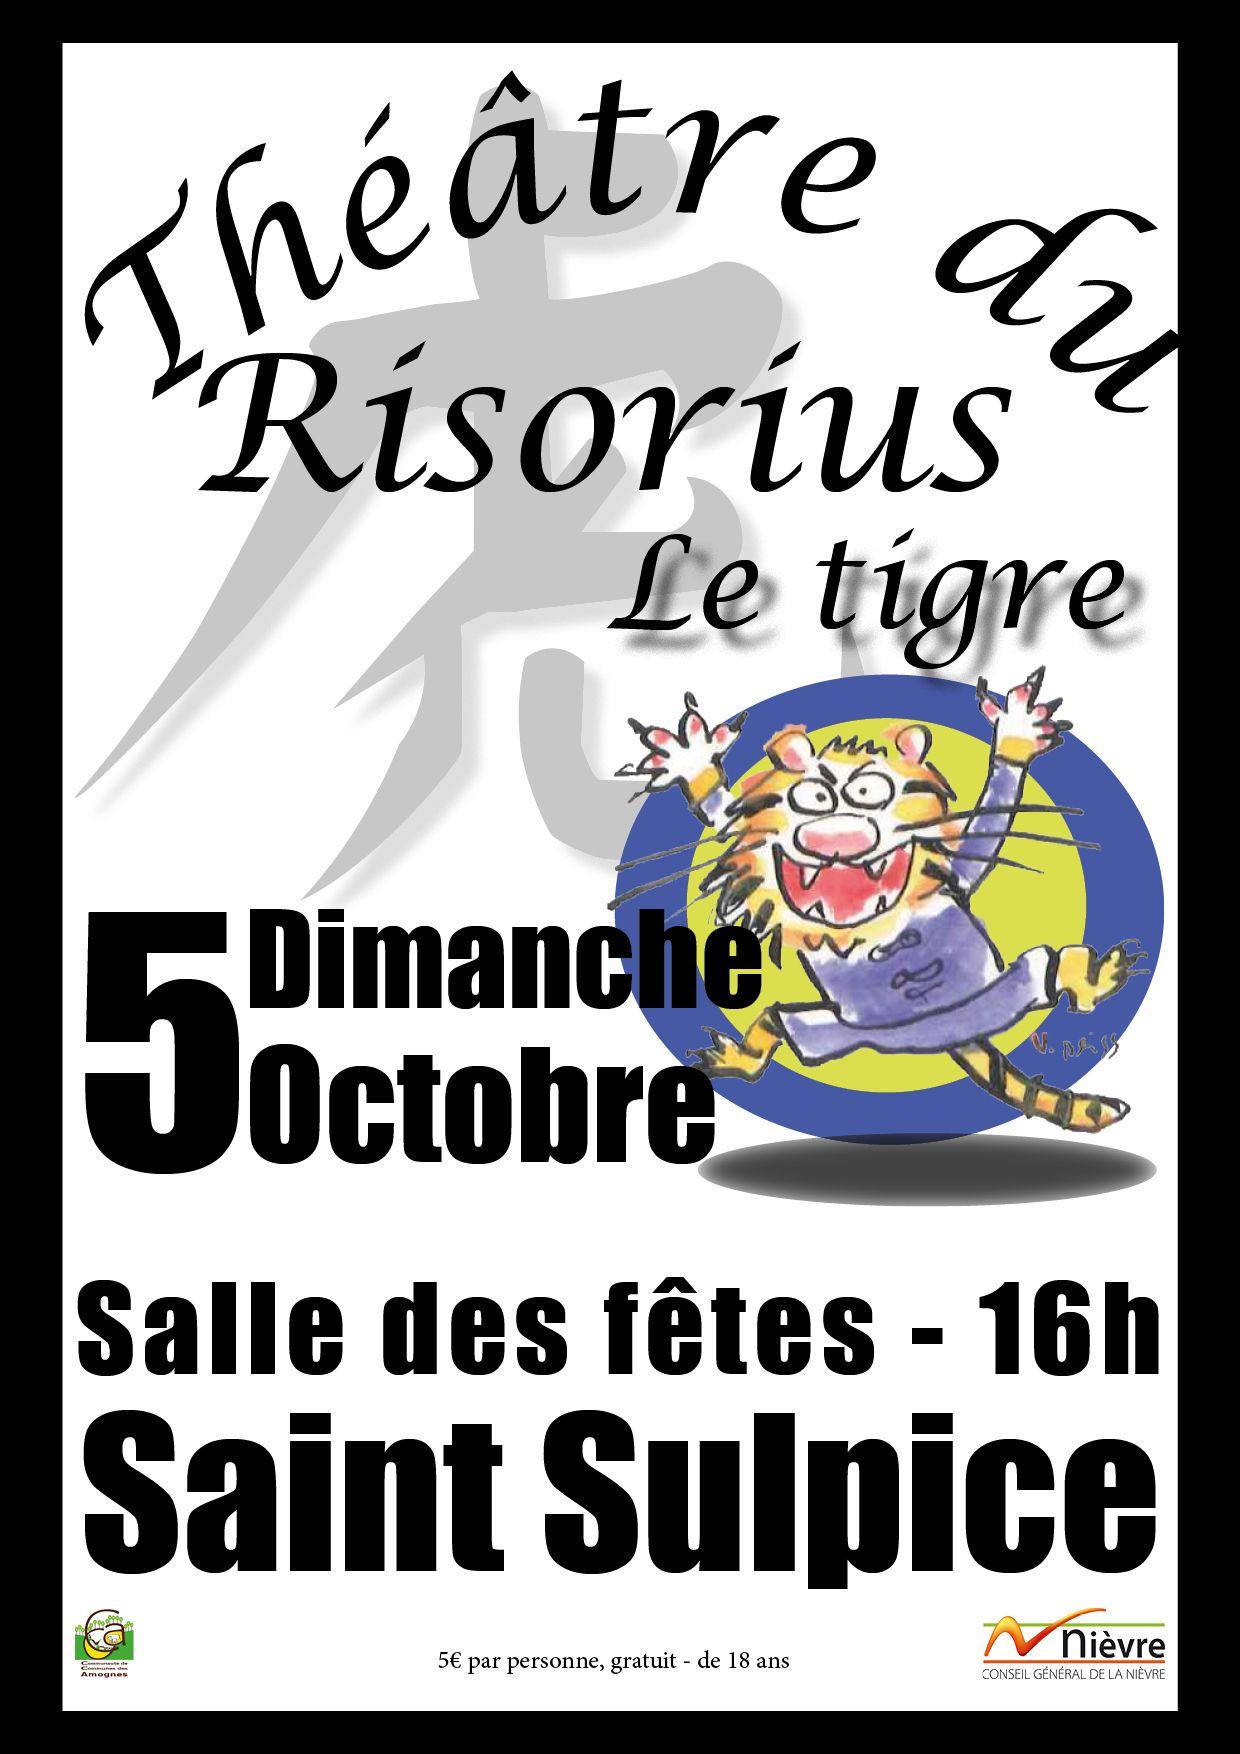 Le théâtre du Risorius (2014)